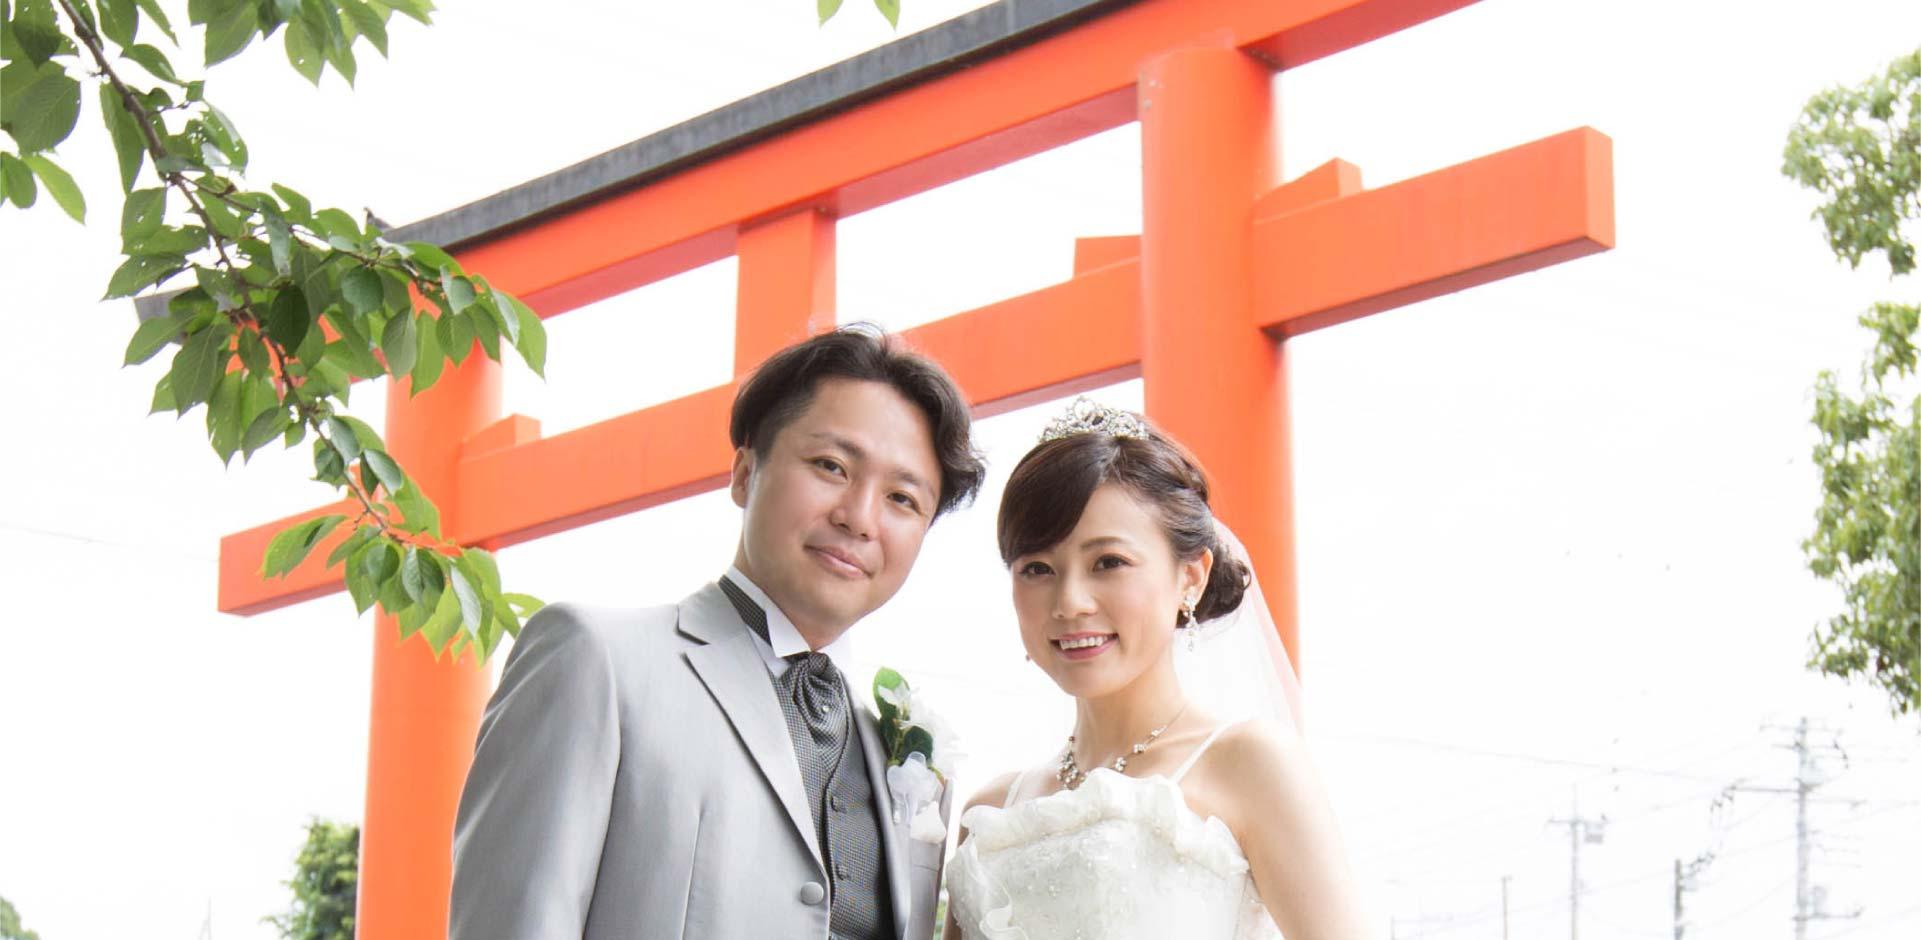 2個外景婚紗銅套餐